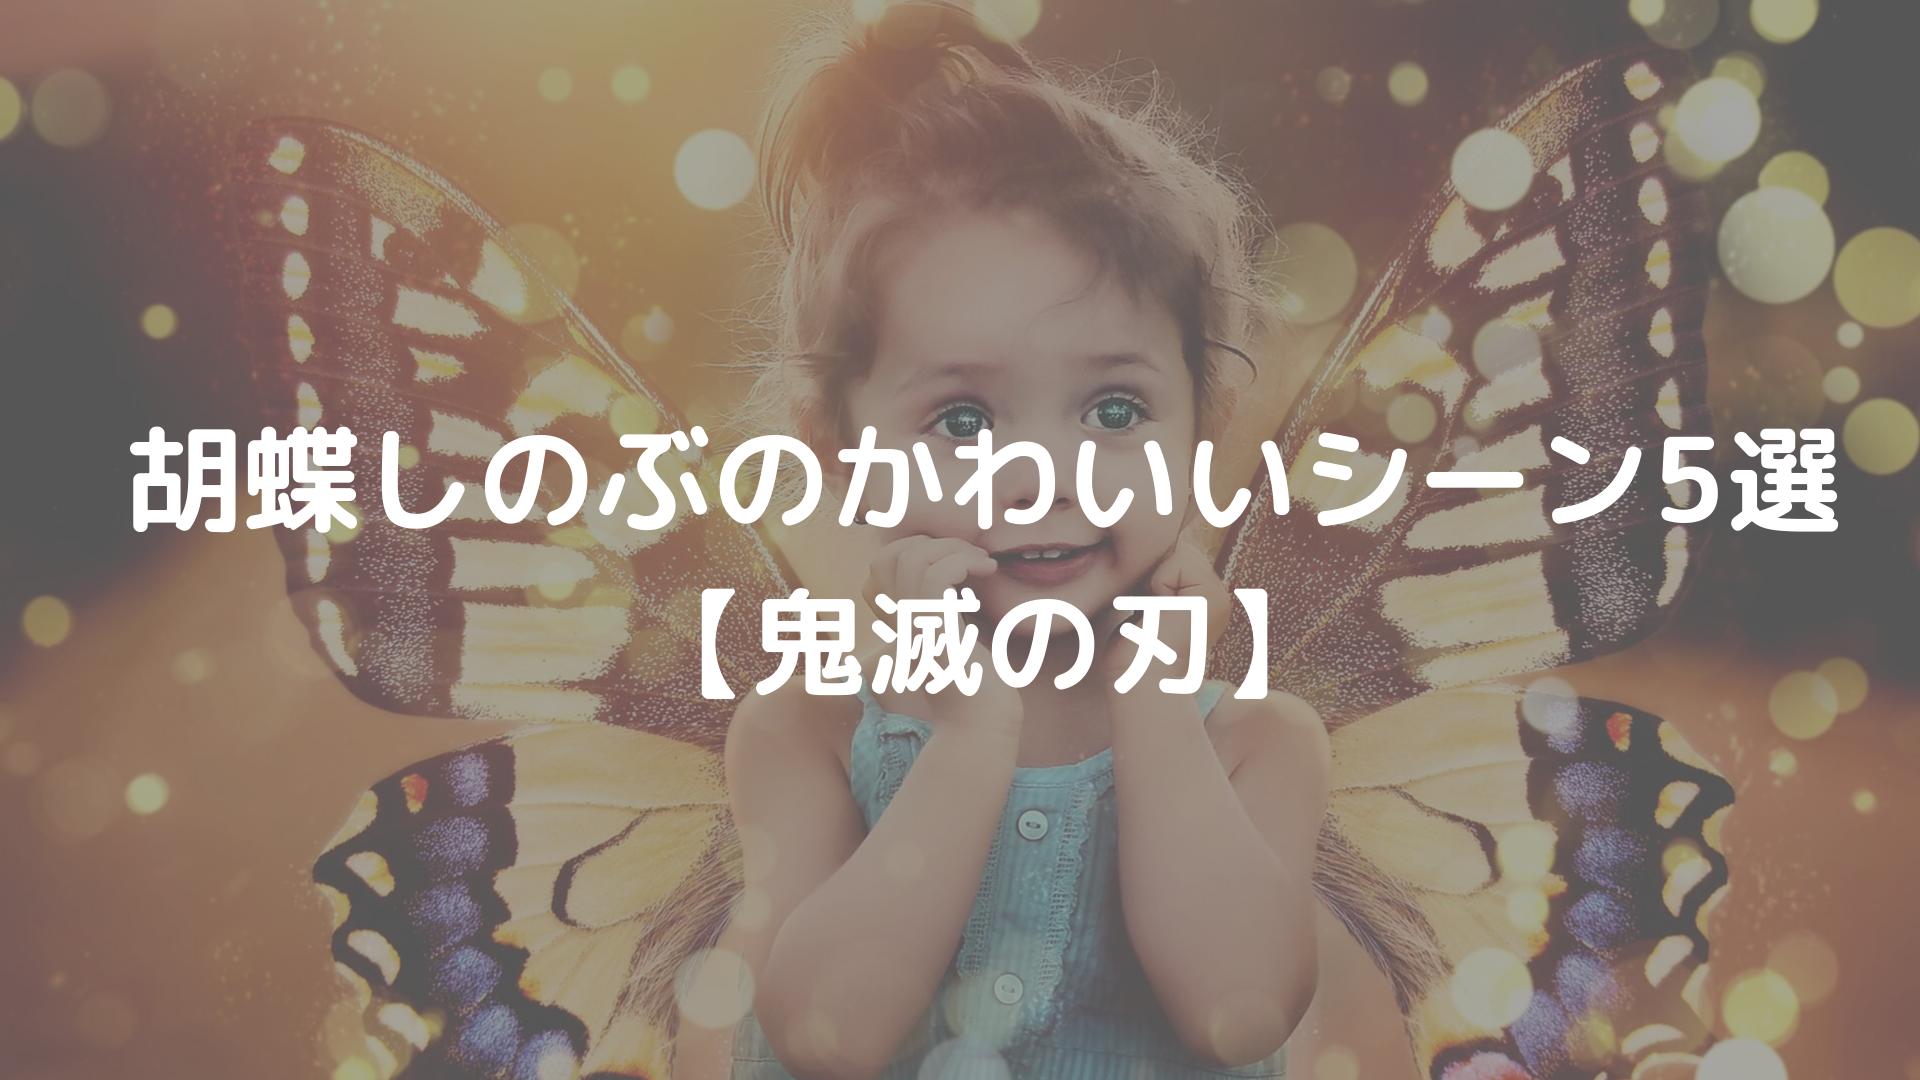 胡蝶しのぶのかわいいシーン5選【鬼滅の刃】アイキャッチ画像